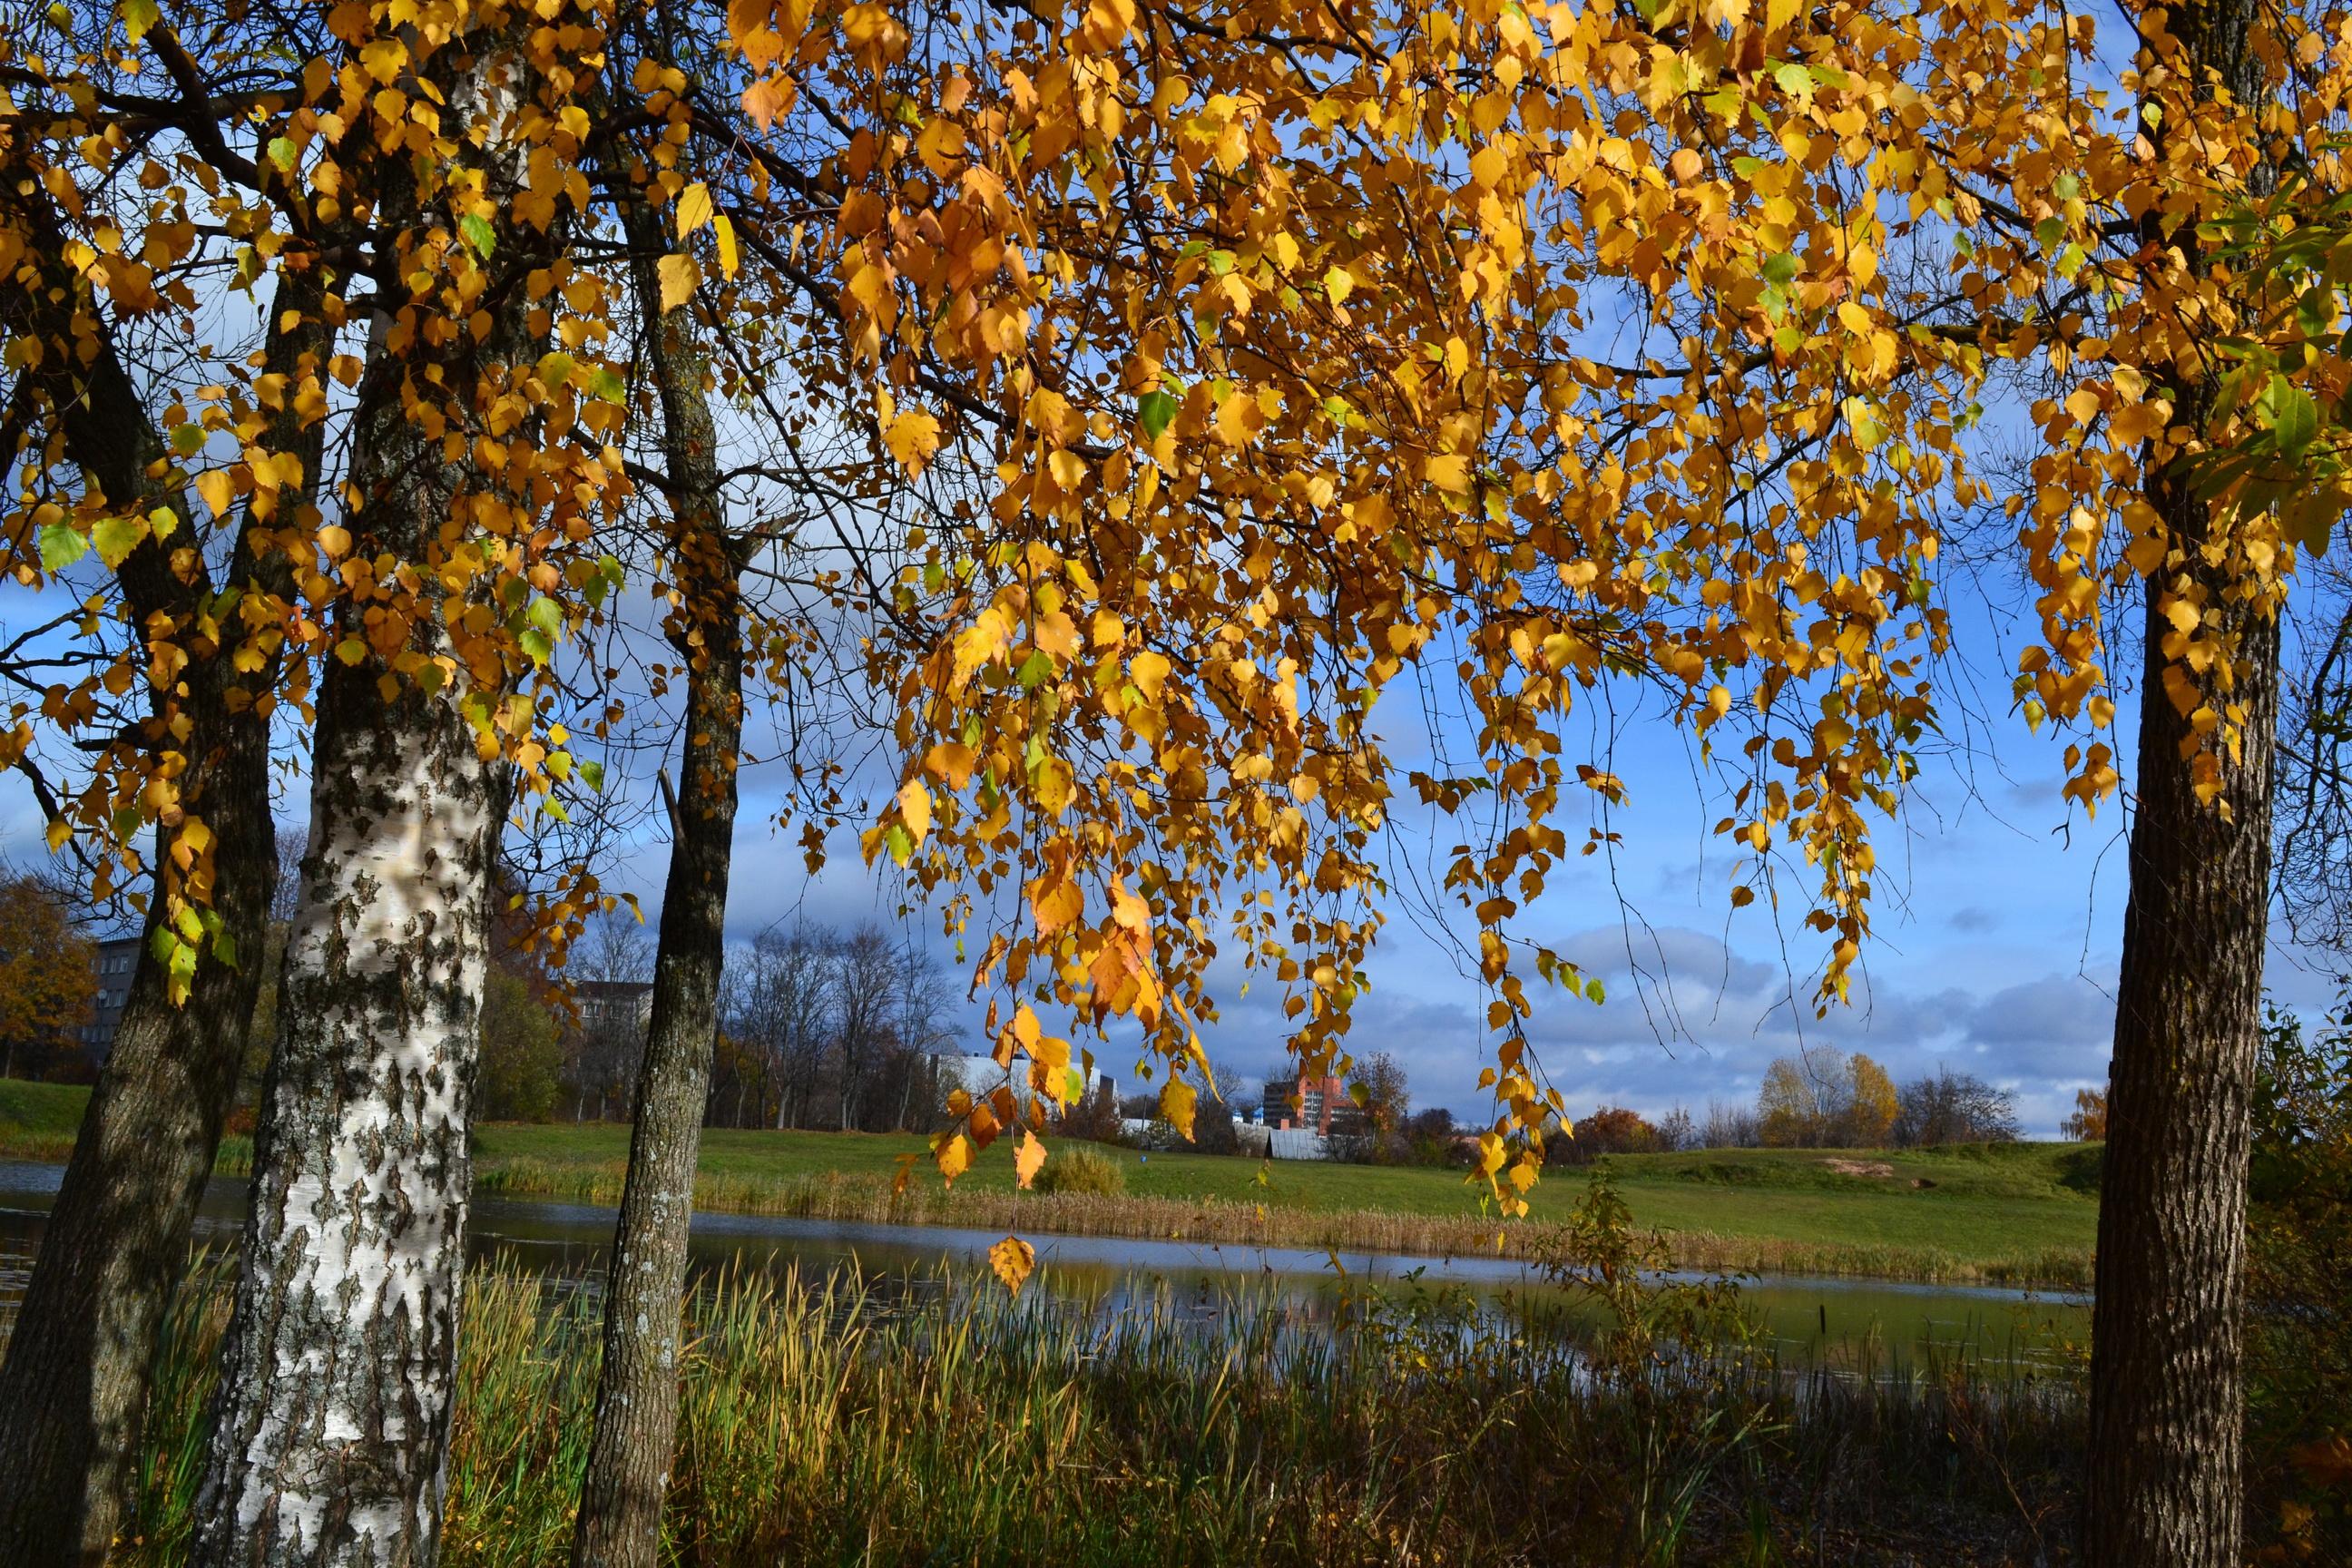 природа деревья березы осень бесплатно